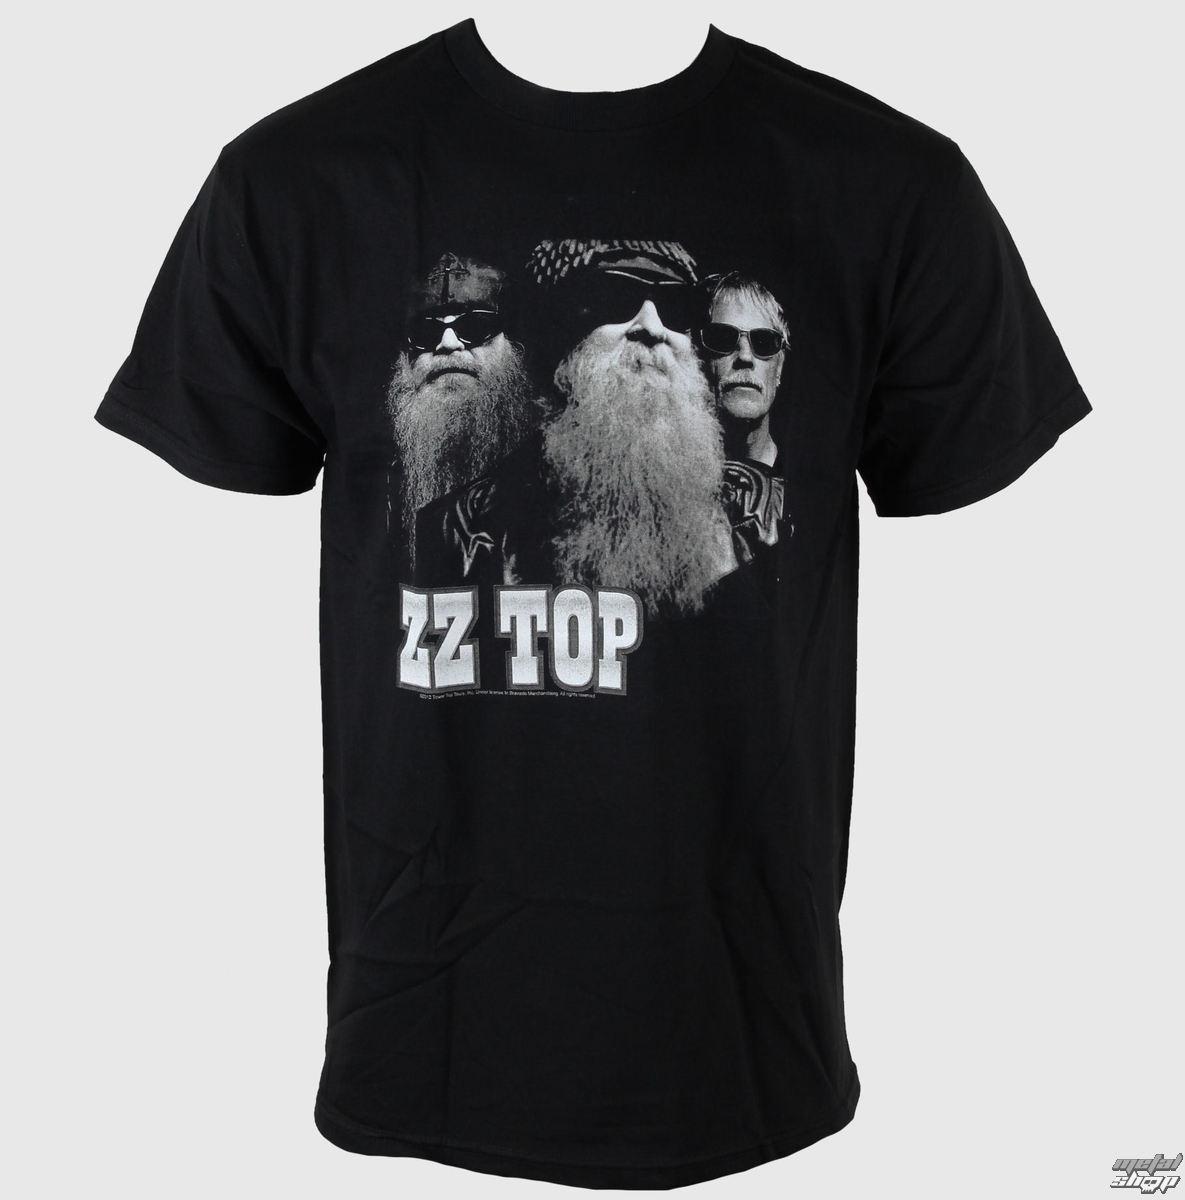 tričko zz top 2013